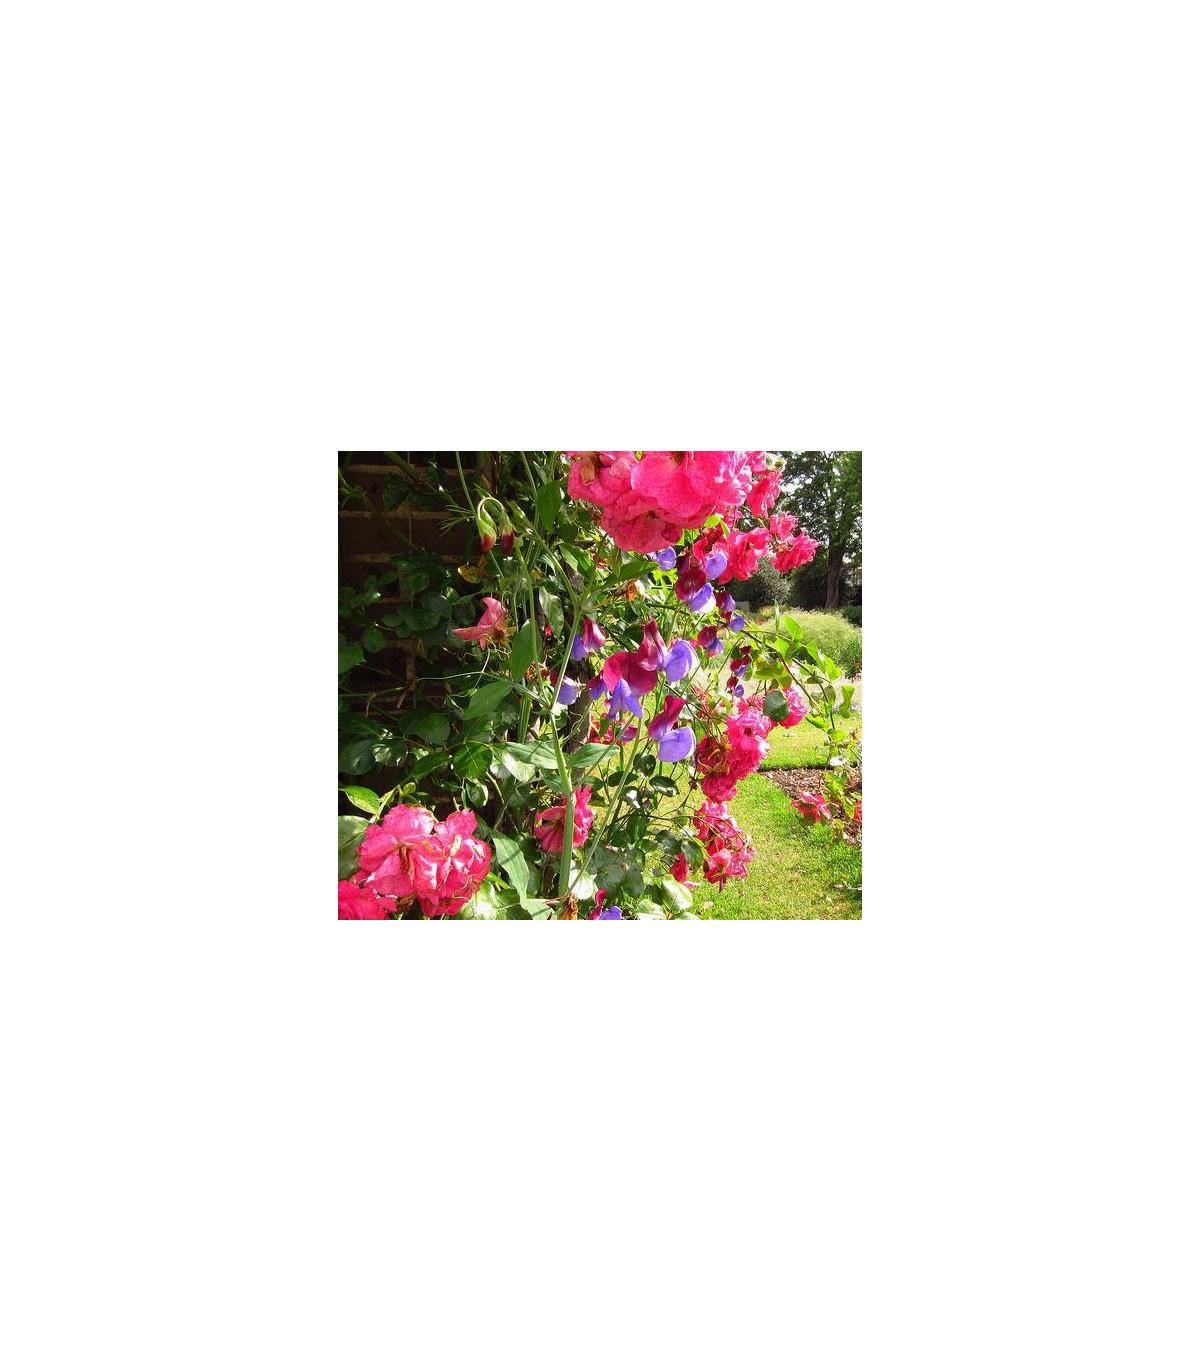 Hrachor voňavý- Lathyrus odoratus- Cupido- semiačká hrachoru- 20 ks